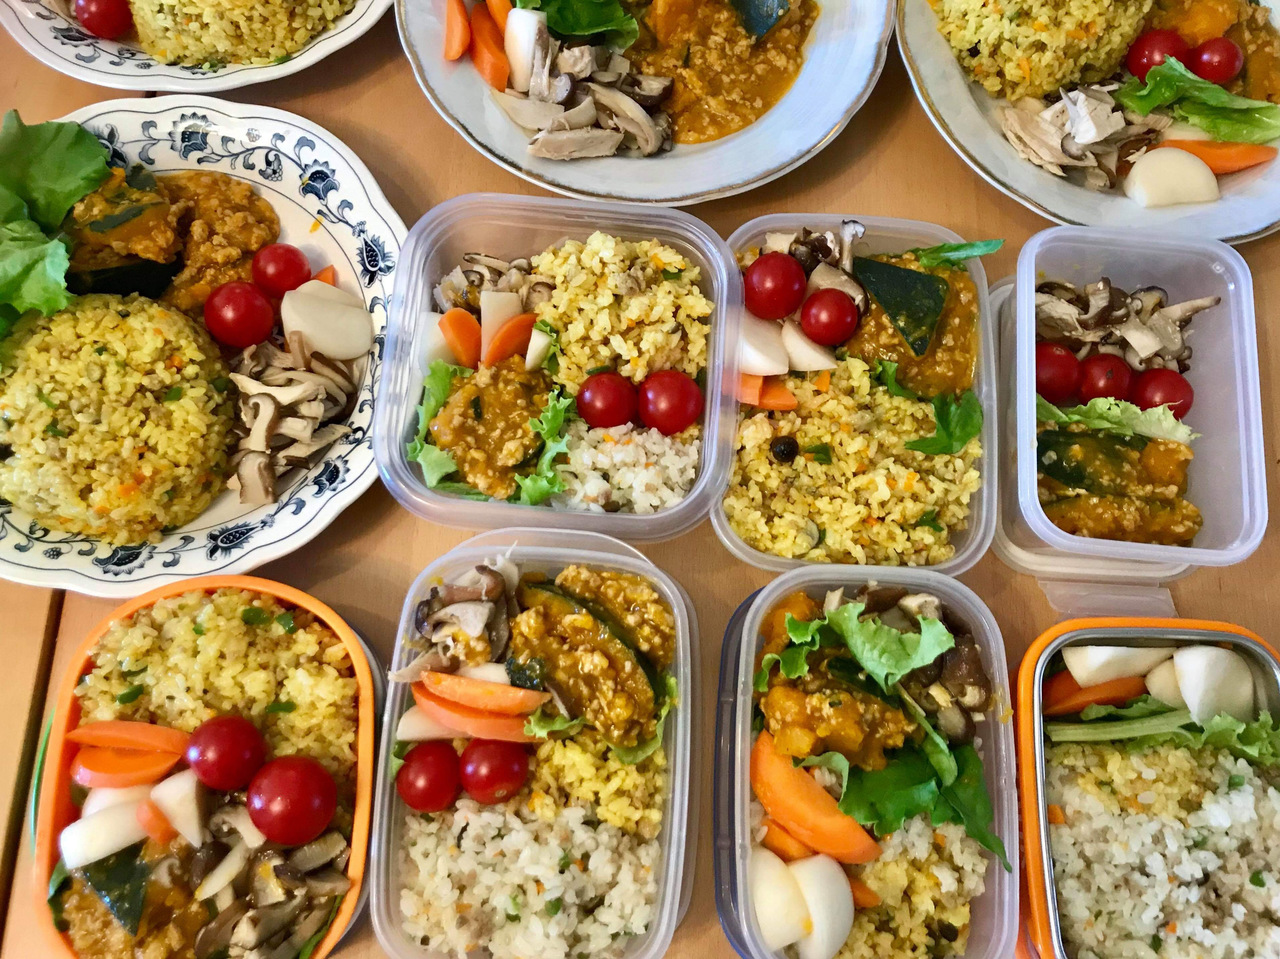 ここちよい暮らしの知恵講座「ご飯の仕度が楽になる・冷凍庫貯金」①